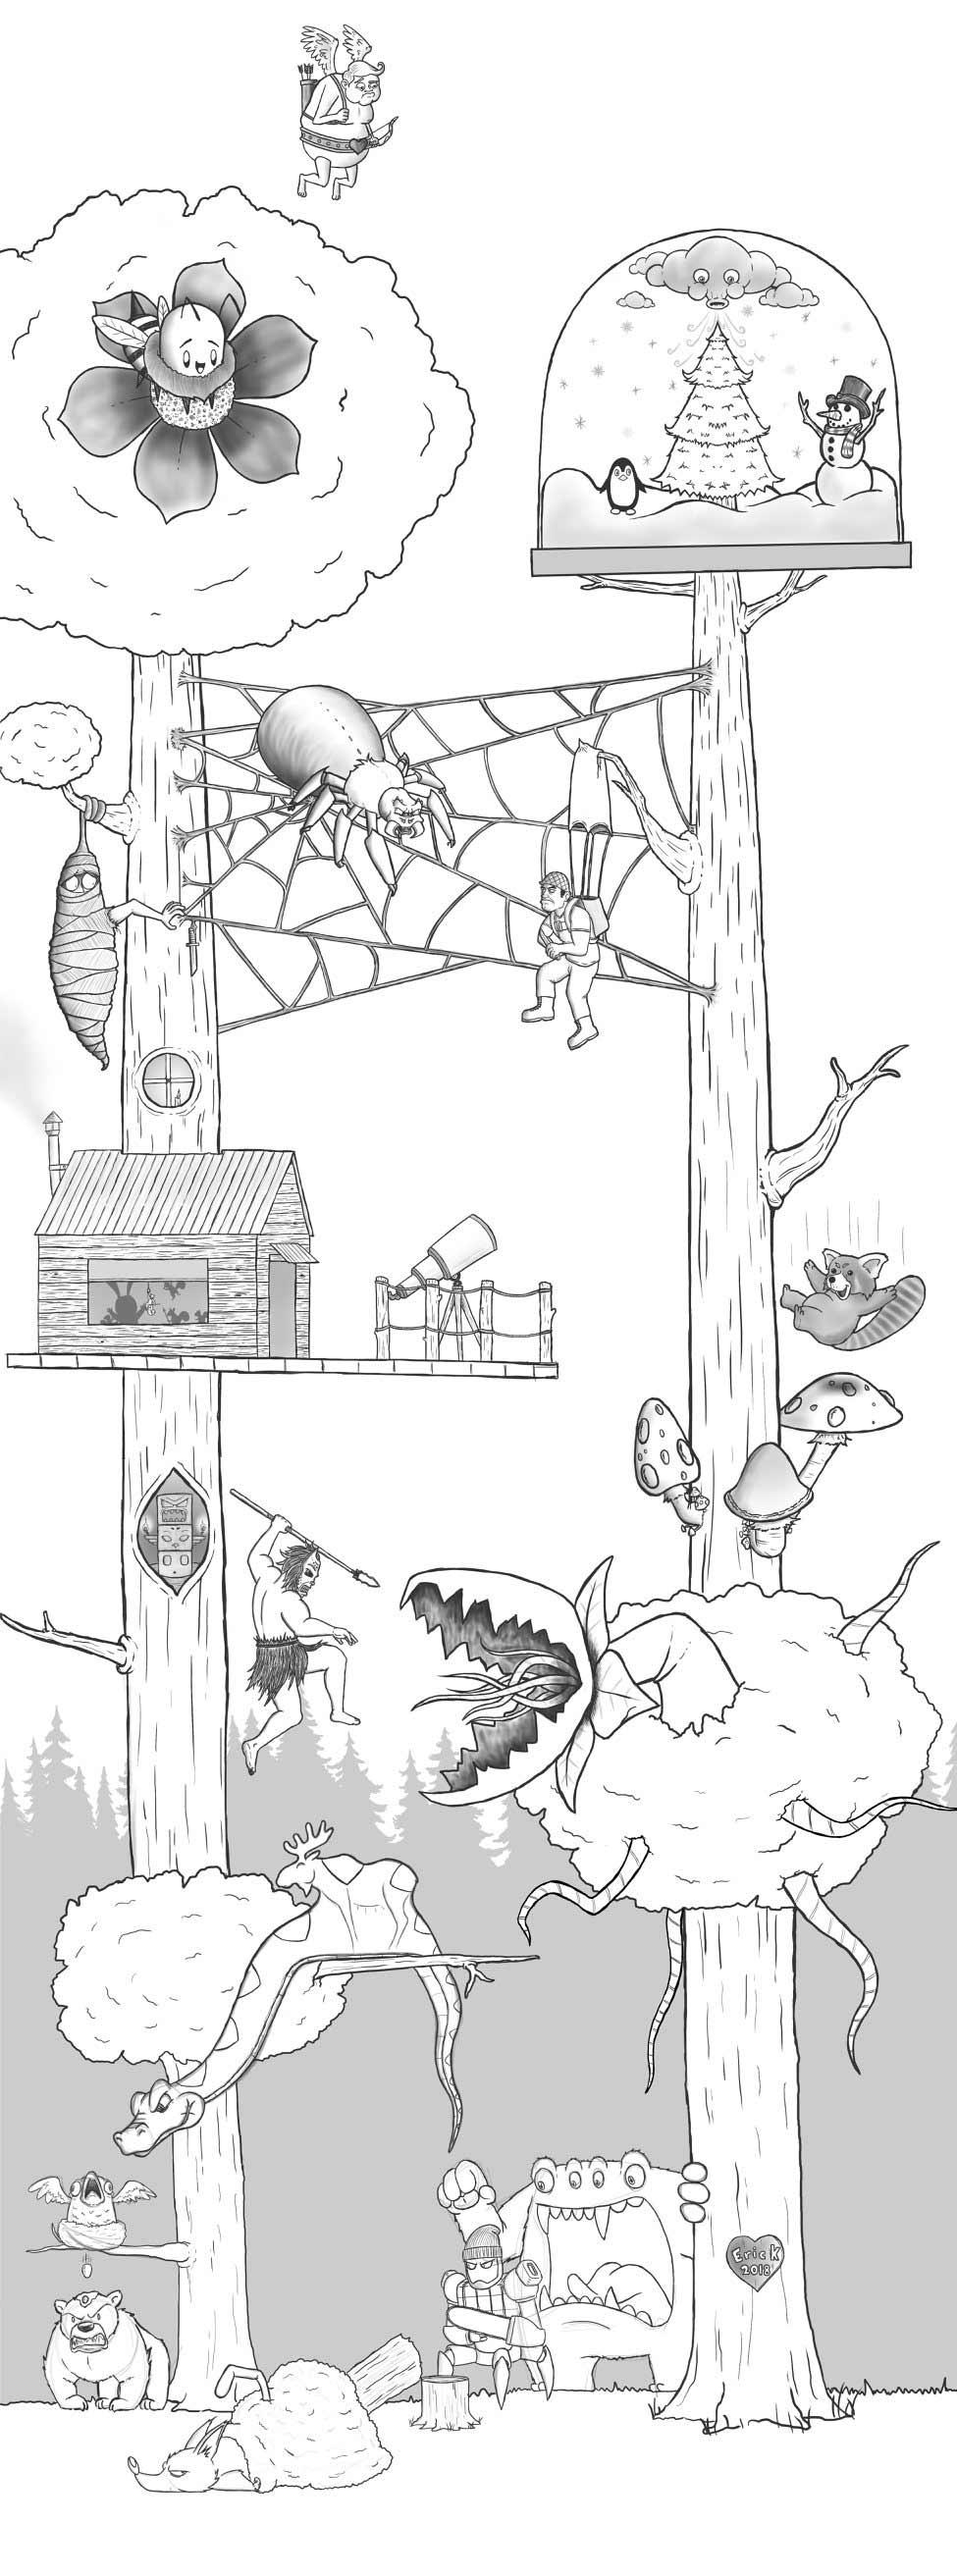 Eric Keledjian hat dieser Zeichnung jeden Tag eine Figur hinzugefügt Eric-Keledjian_19-tage-zeichnung_19